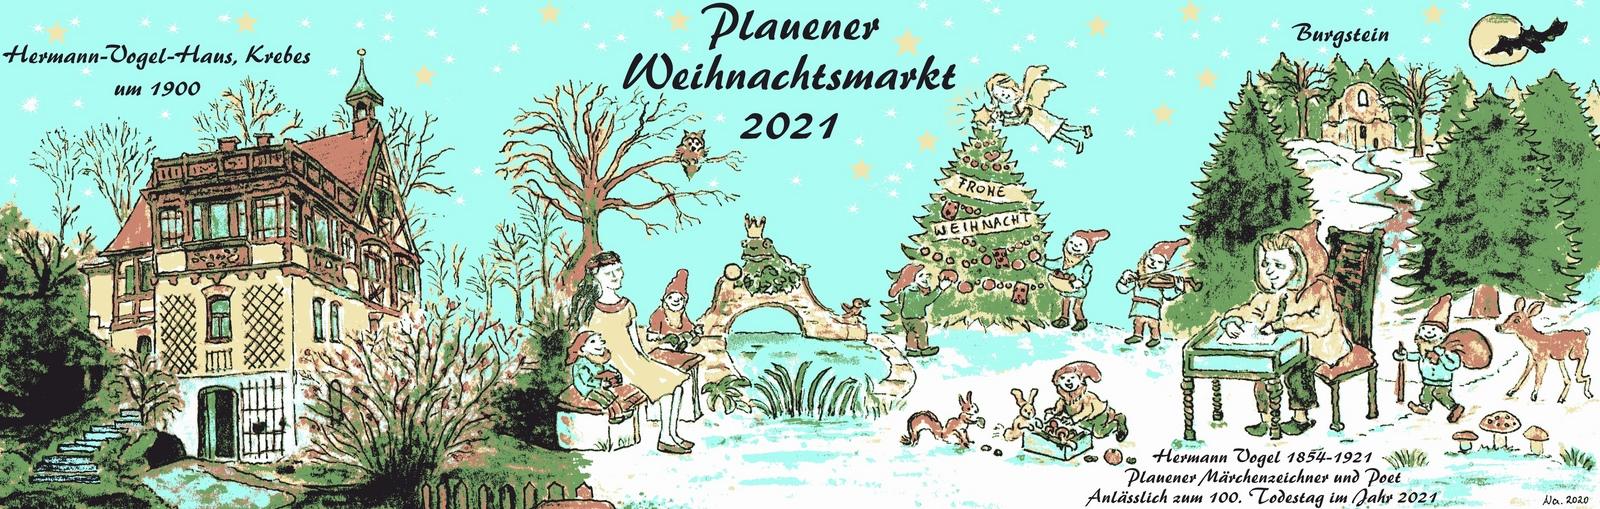 """""""Bürgertasse Plauener Weihnachtsmarkt 2021 - Hermann Vogel ©N.Mühlbrant&A.Goldhahn"""""""